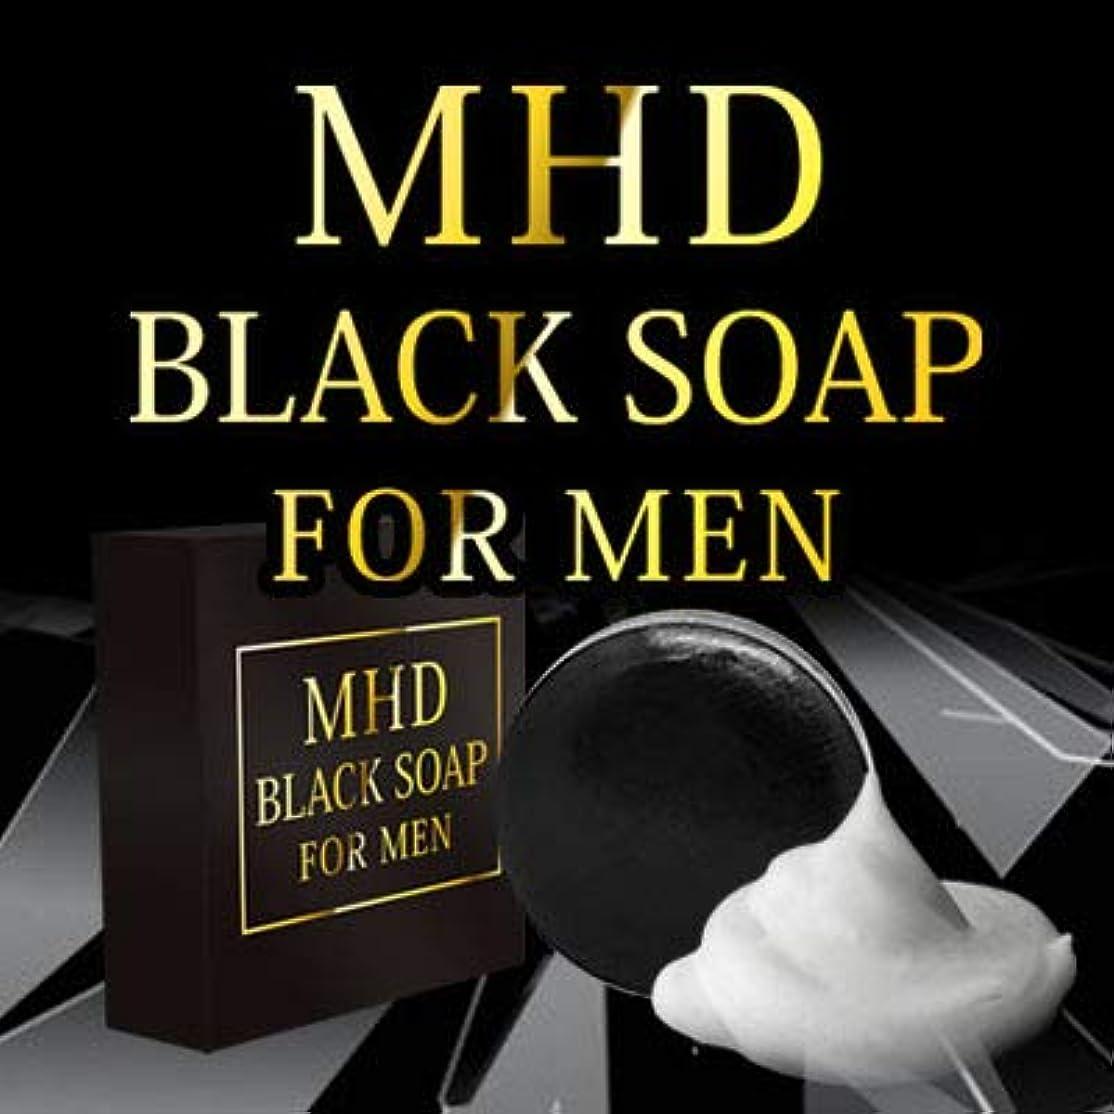 食事画家モックMHD石鹸(BLACK SOAP FOR MEN) メンズ用全身ソープ